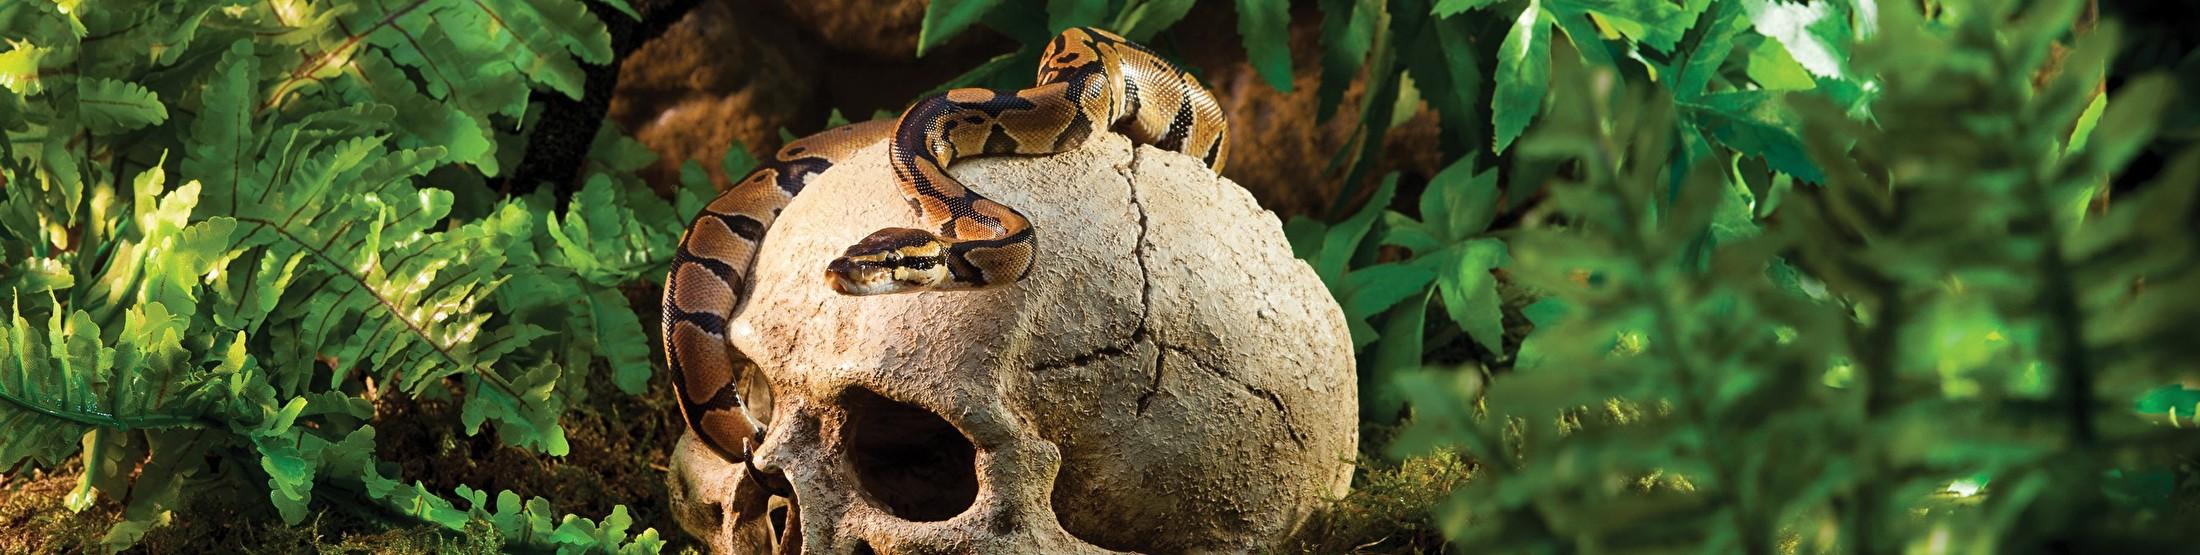 reptiel slang plant